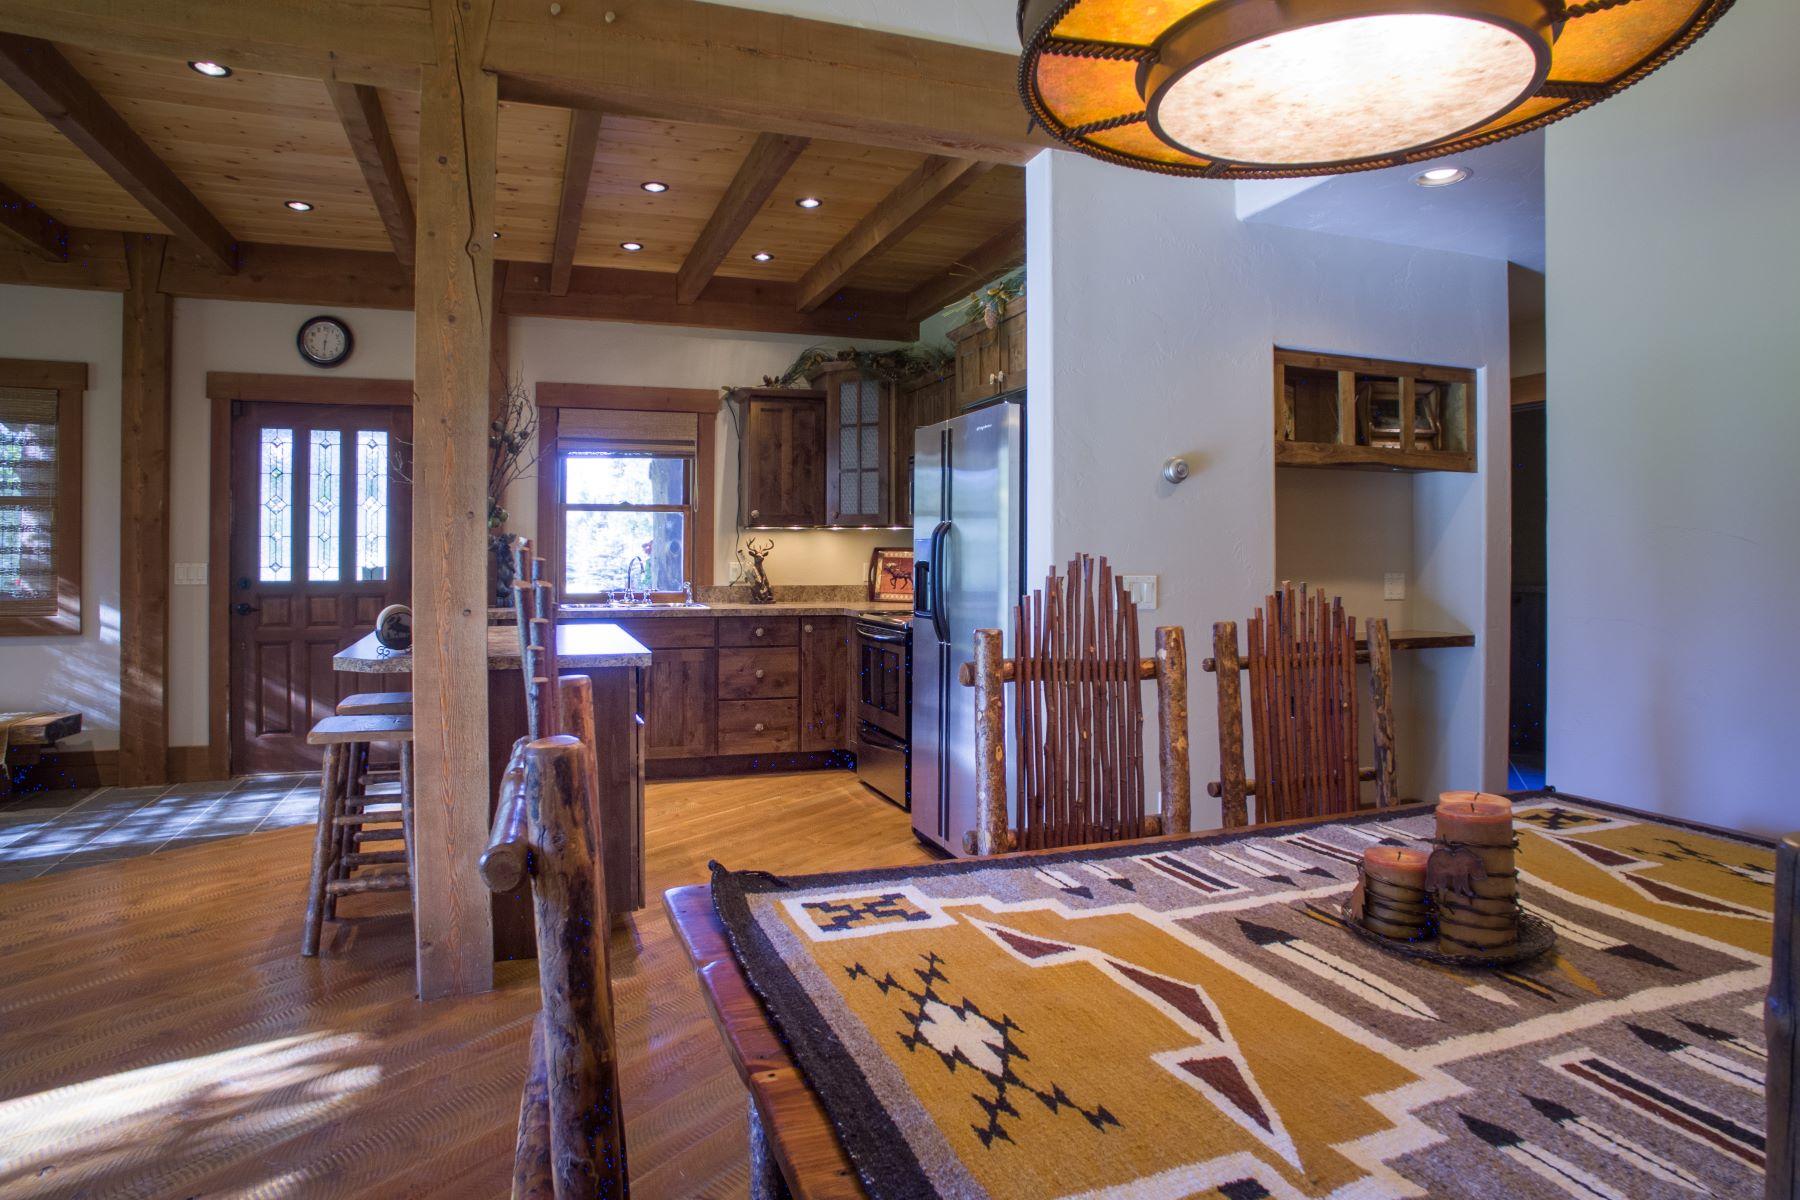 Additional photo for property listing at 270 Colt Trl , Bigfork, MT 59911 270  Colt Trl Bigfork, Montana 59911 United States